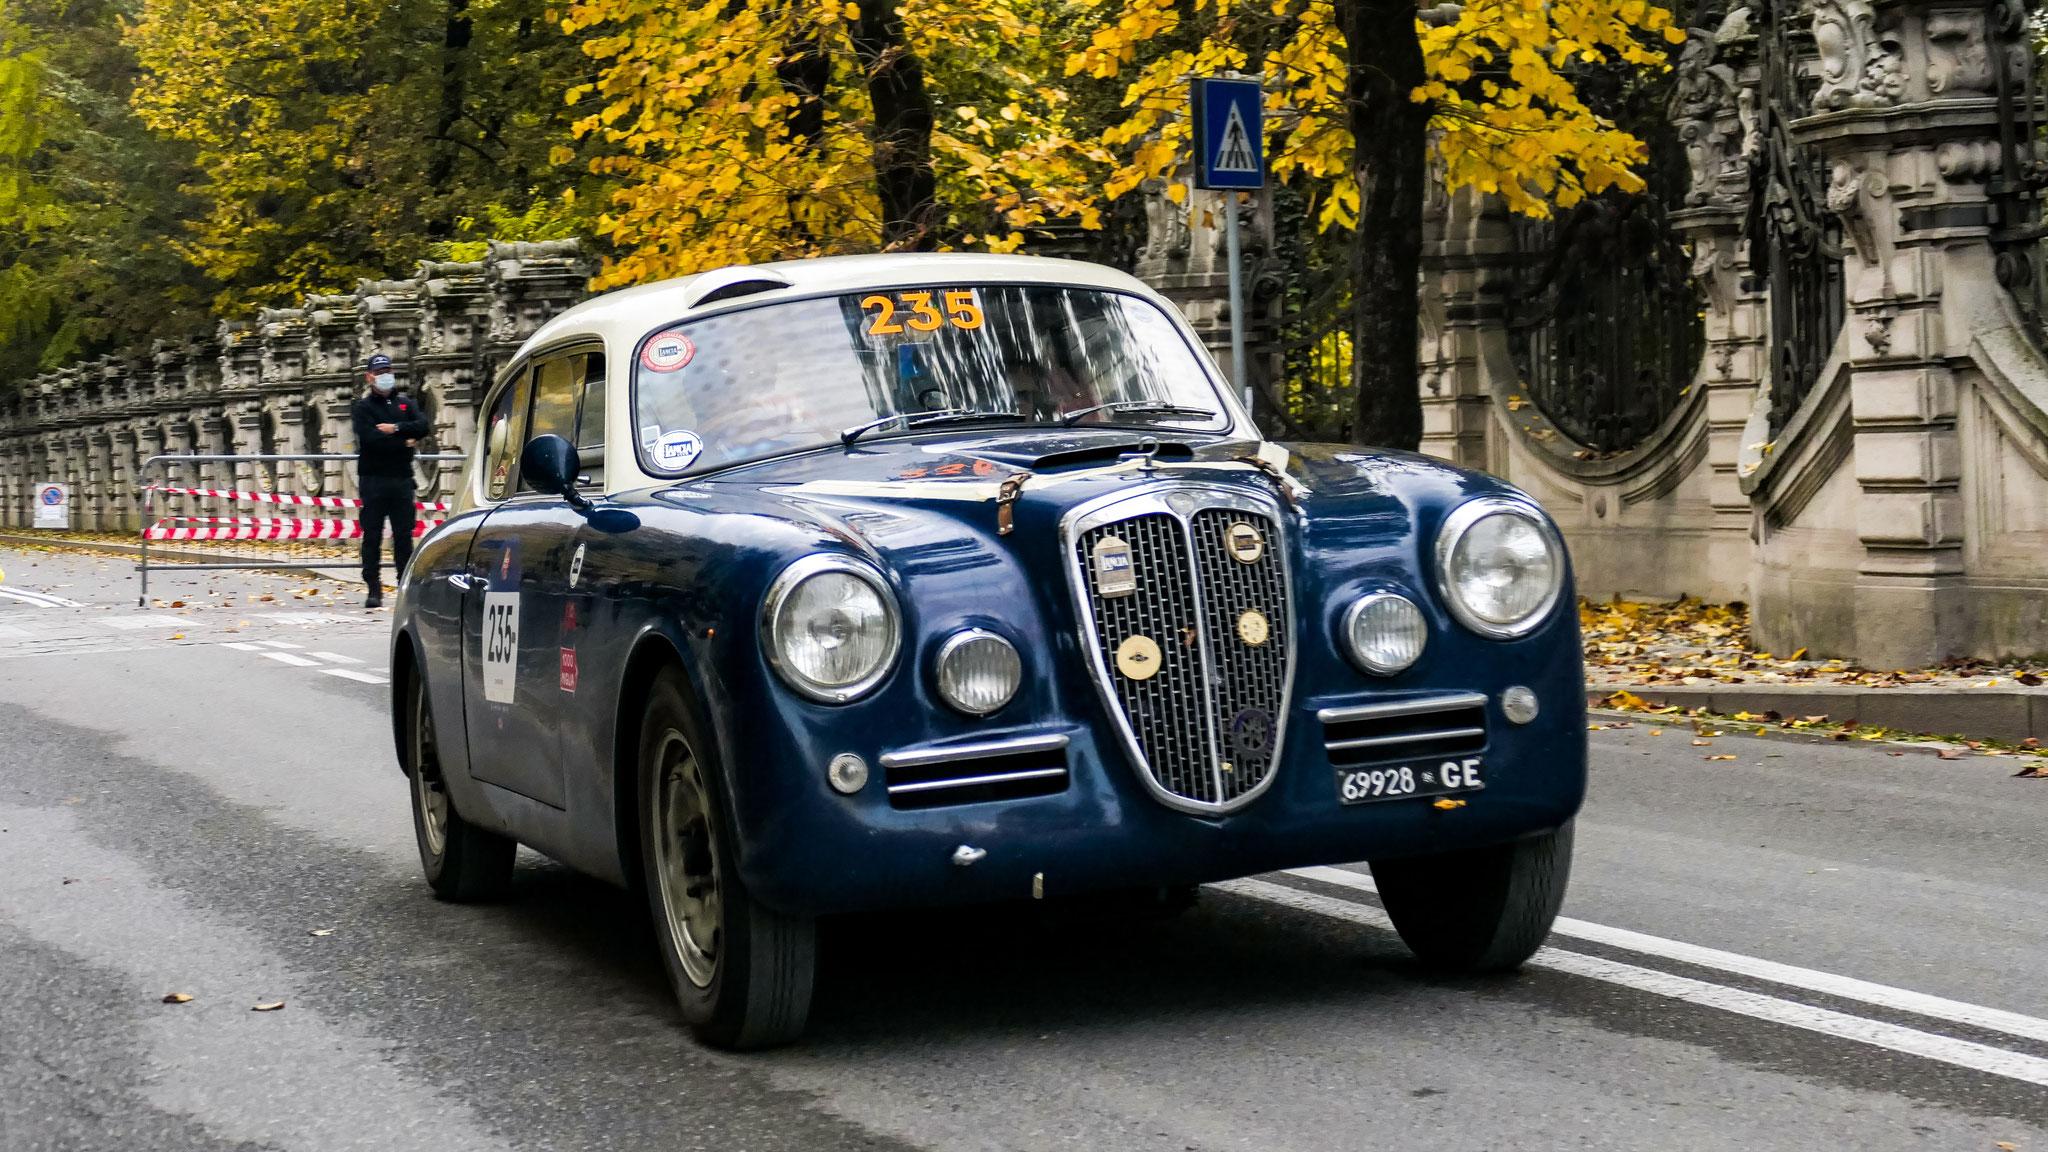 Lancia Aurelia B20 GT 2500 - 69928-GE (ITA)